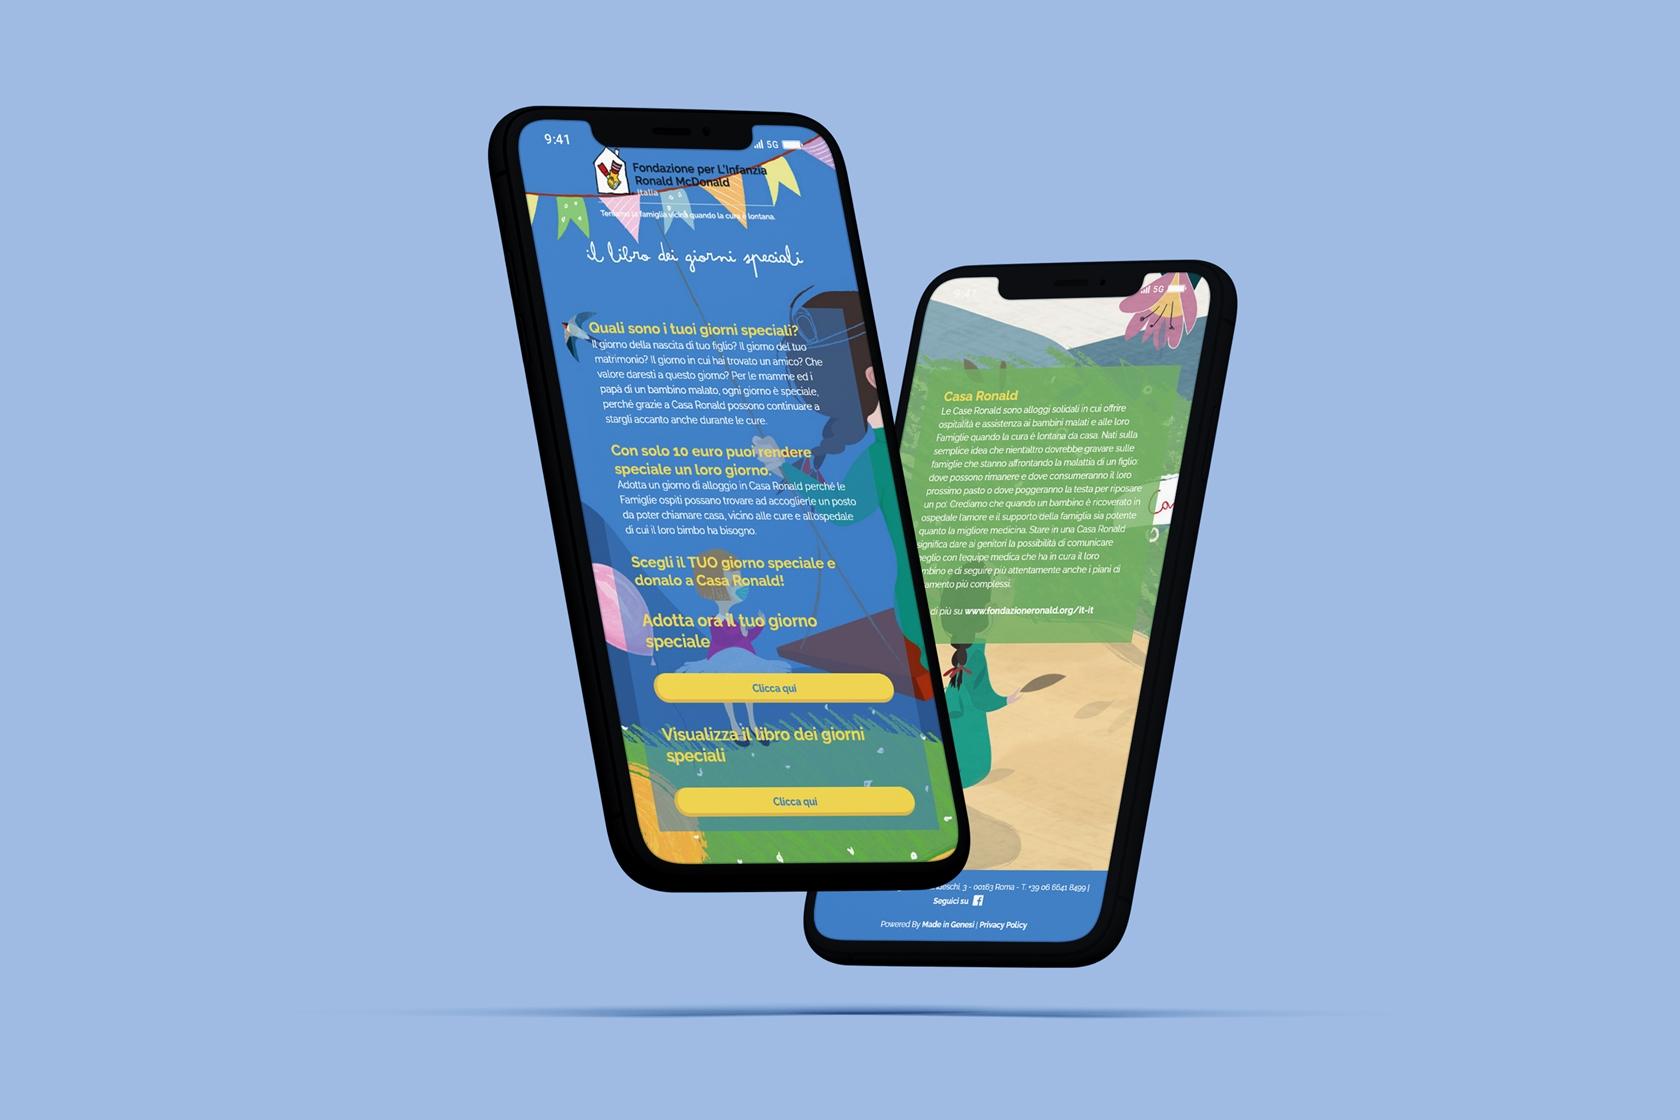 Fondazione per l'infanzia Ronald McDonalds - Sito.Express - Realizzazione siti web per organizzazioni - Roma